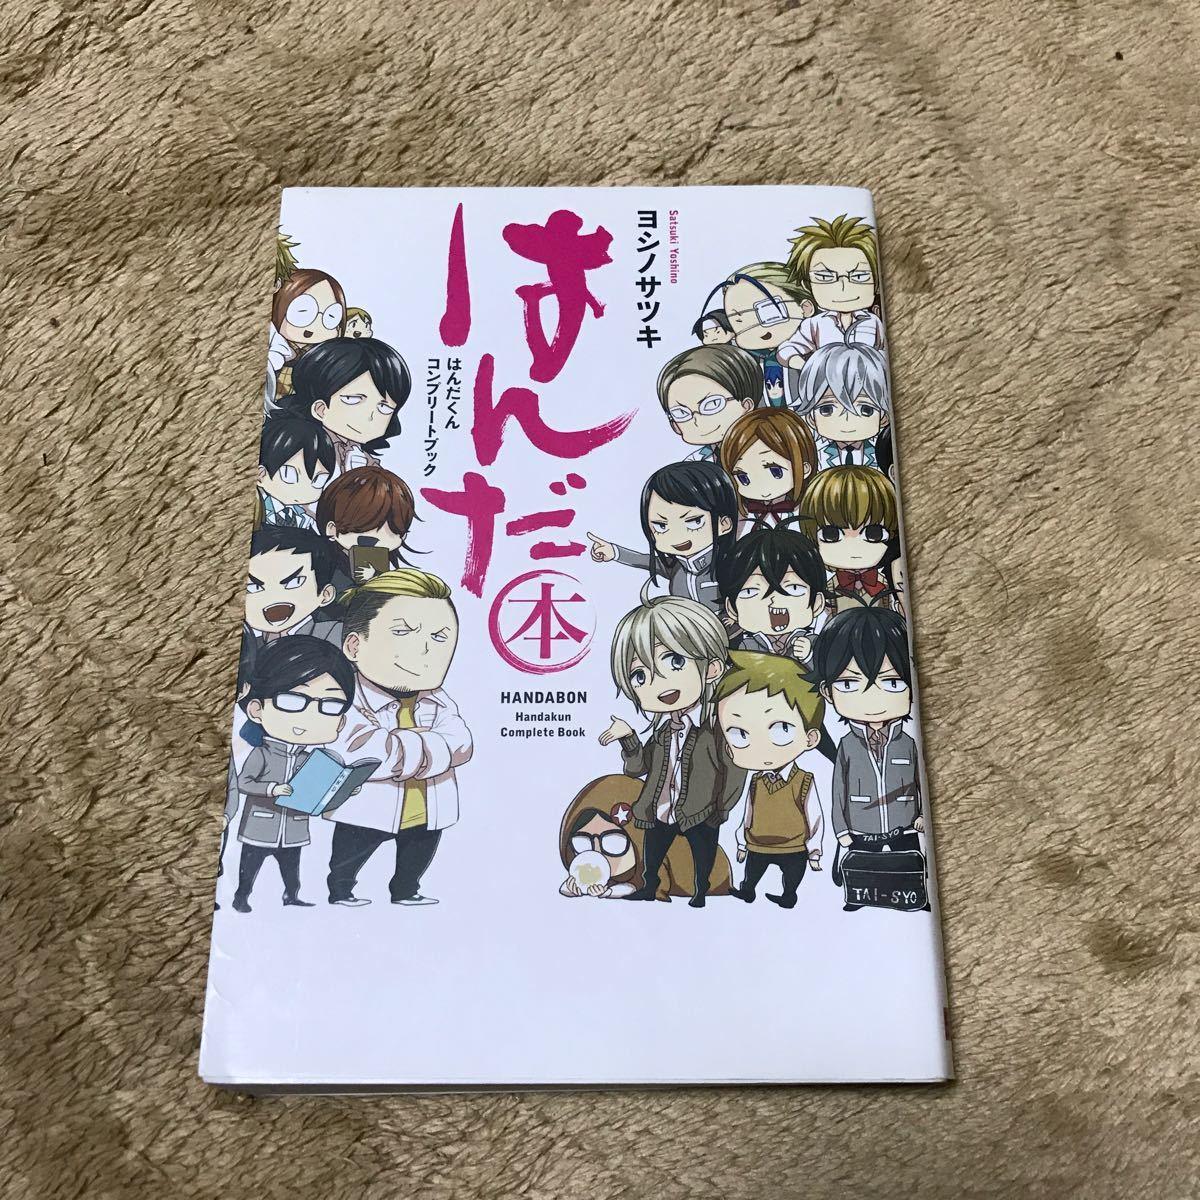 (単品) はんだ本_はんだくんコンプリートブック_ (ガンガンコミックス)